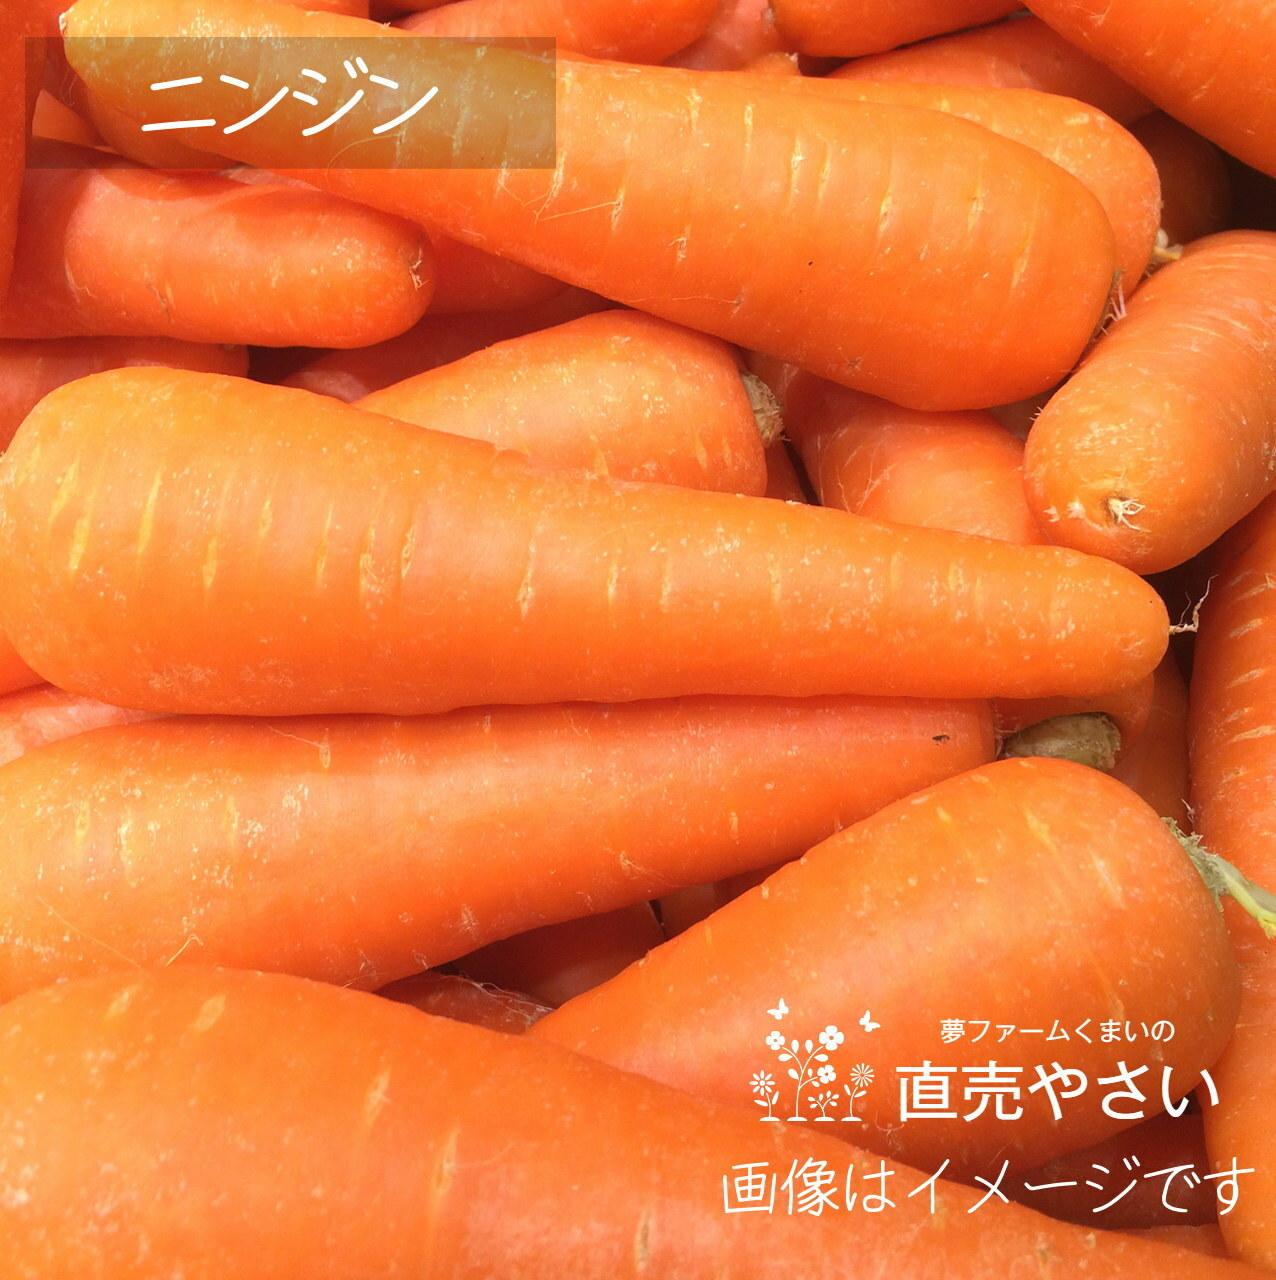 9月の朝採り直売野菜 : ニンジン 約400g 新鮮な秋野菜 9月21日発送予定